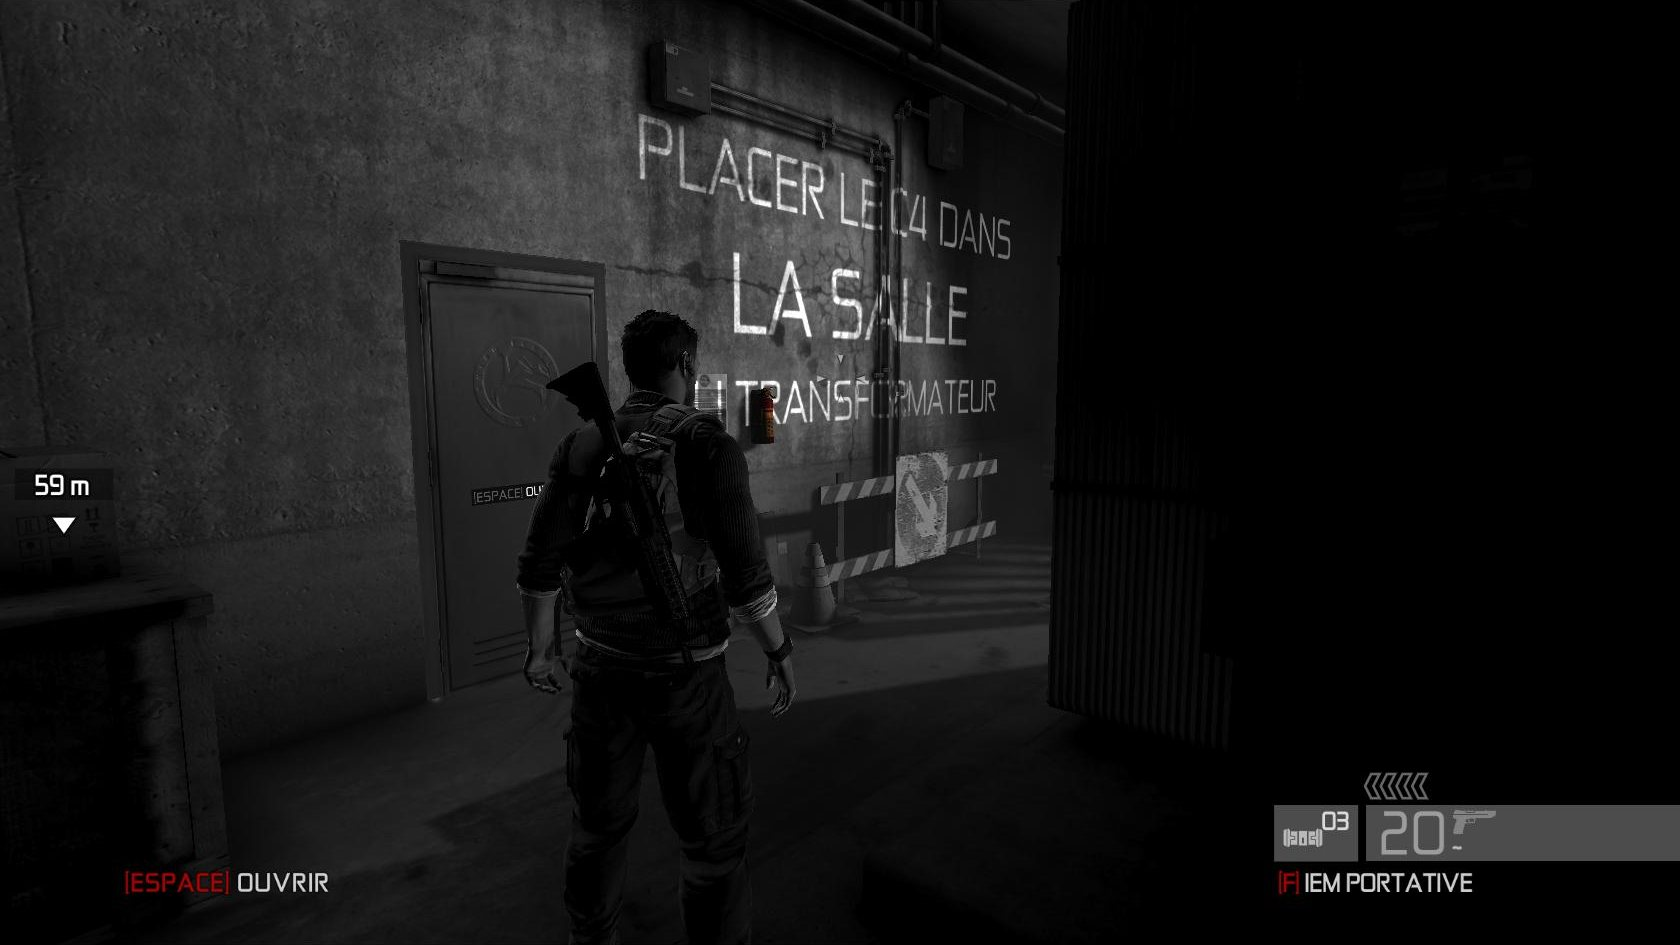 La mission s'affiche sur les murs, ainsi que les actions.